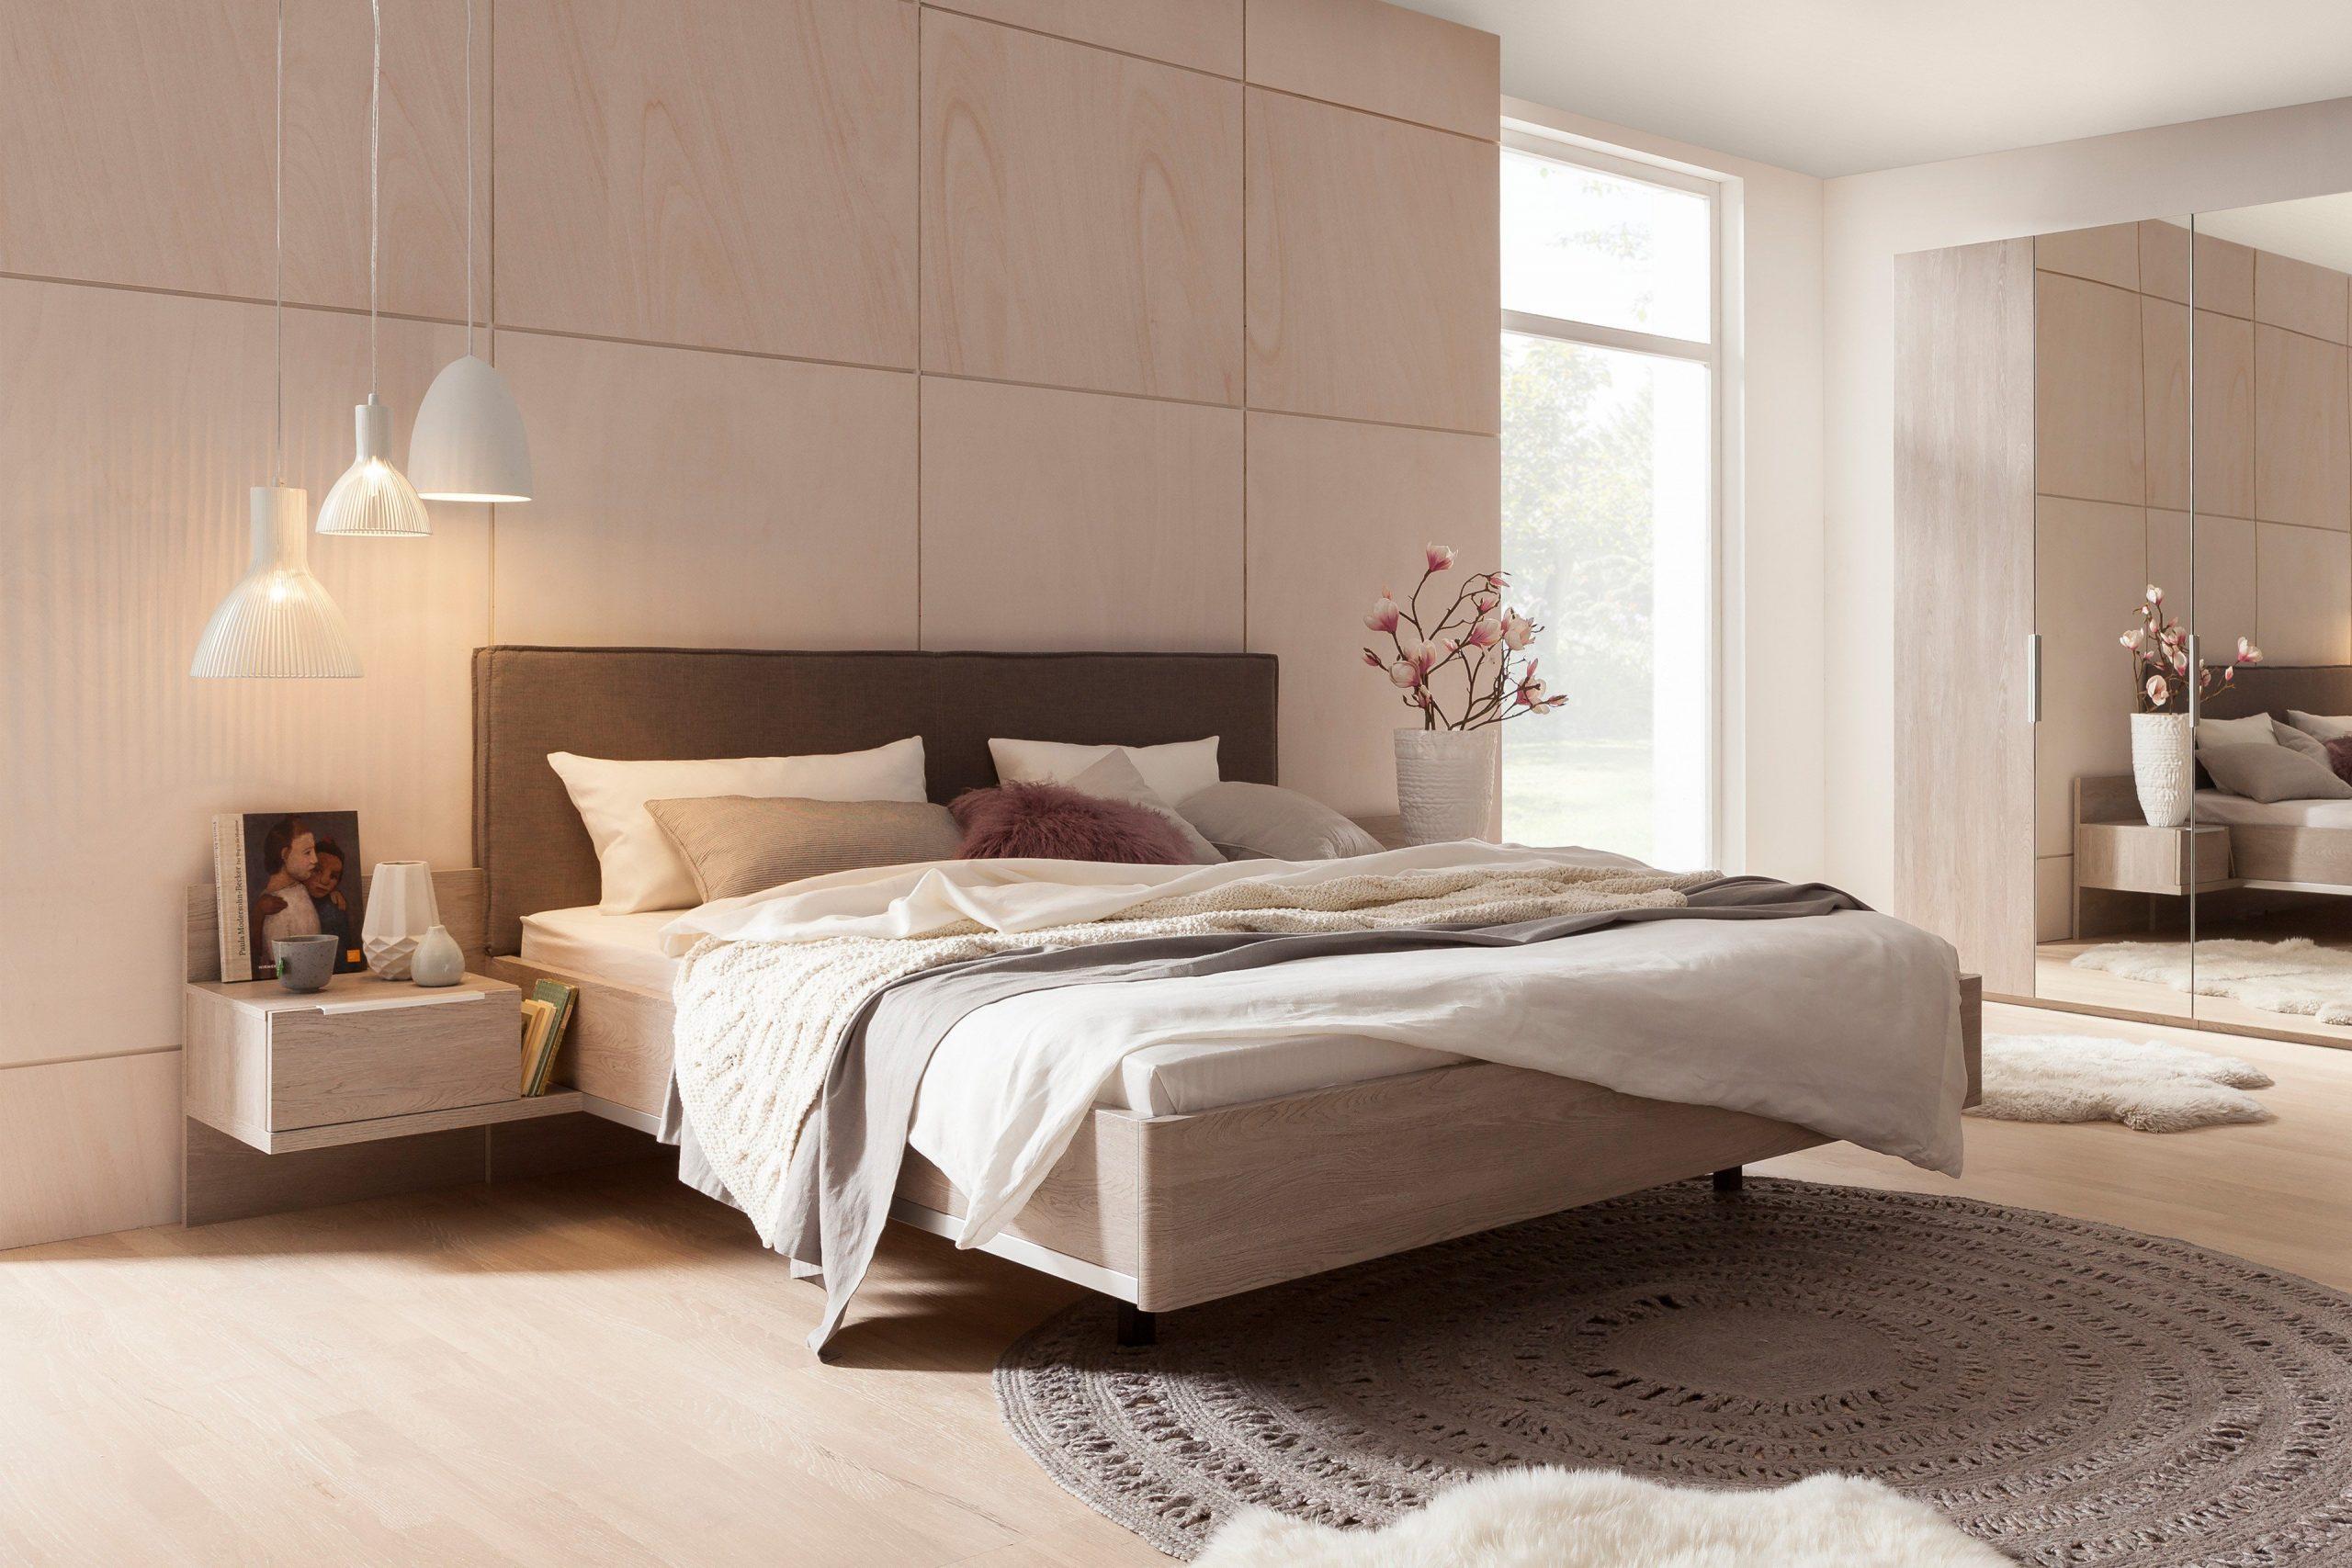 Full Size of Nolte Concept Me 500 Doppelbett 2 Mbel Letz Ihr Online Shop Schlafzimmer Set Günstig Regal Wiemann Massivholz Mit überbau Rauch Günstige Komplett Lampe Schlafzimmer Nolte Schlafzimmer